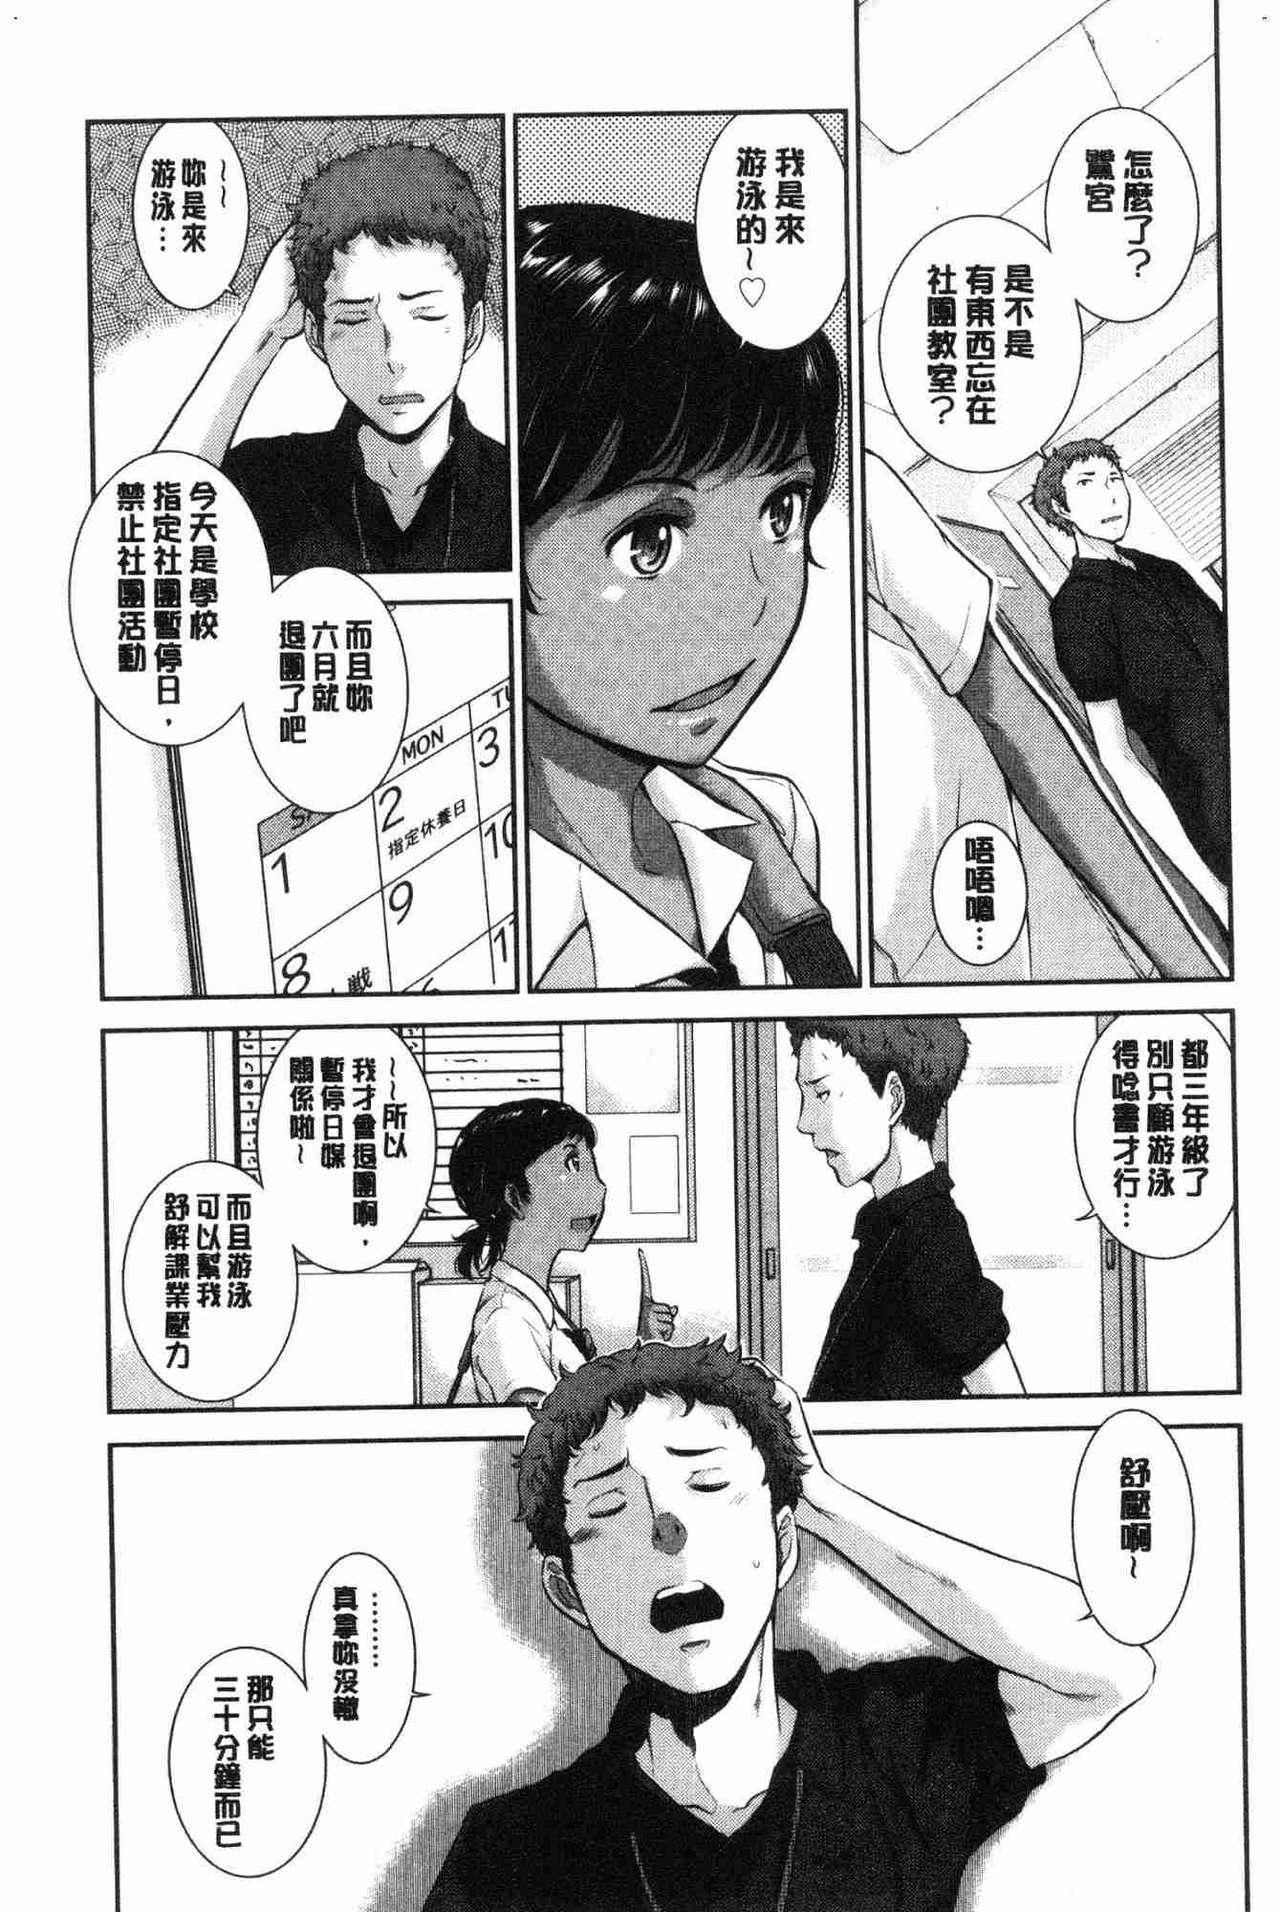 [Harazaki Takuma] Seifuku Shijou Shugi -Natsu- - Uniforms supremacy [Chinese] 109